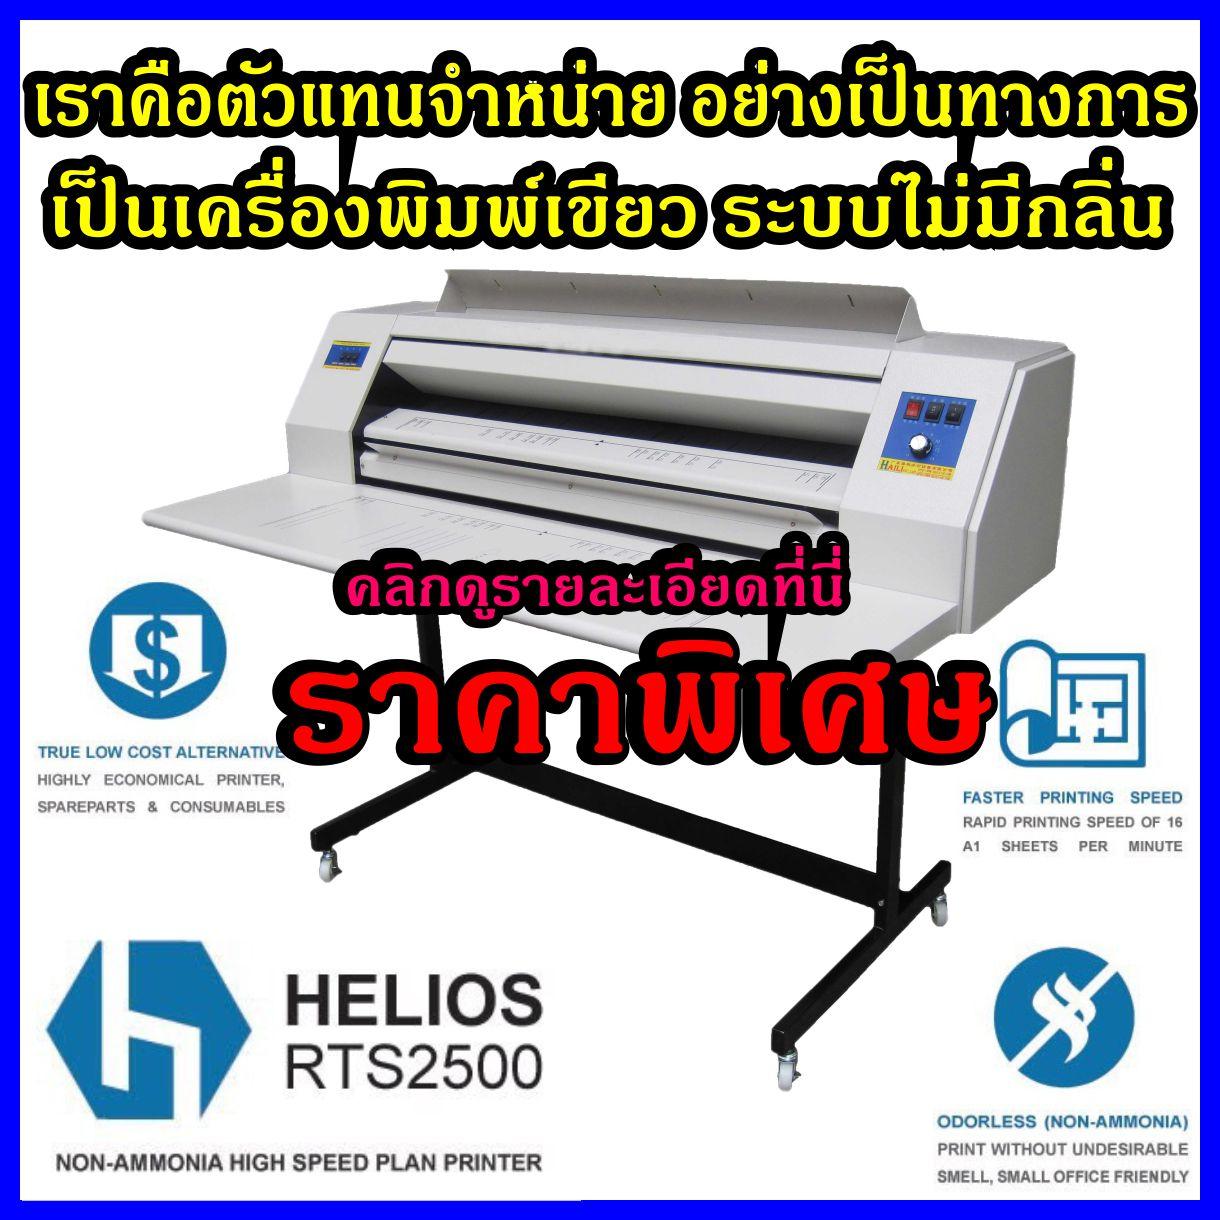 HELIOS RTS2500